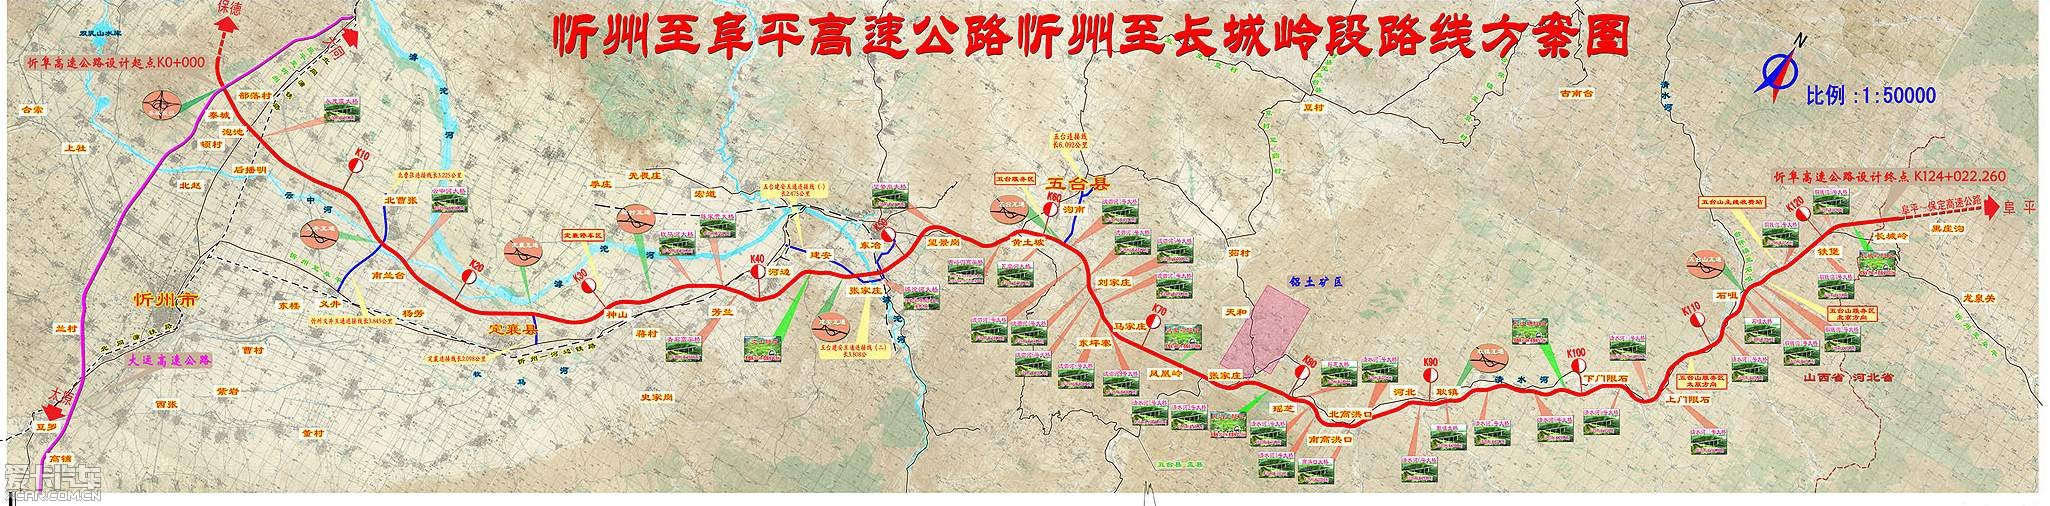 忻州至阜平高速公路忻州至五台山段起点位于忻州市忻府区秦城